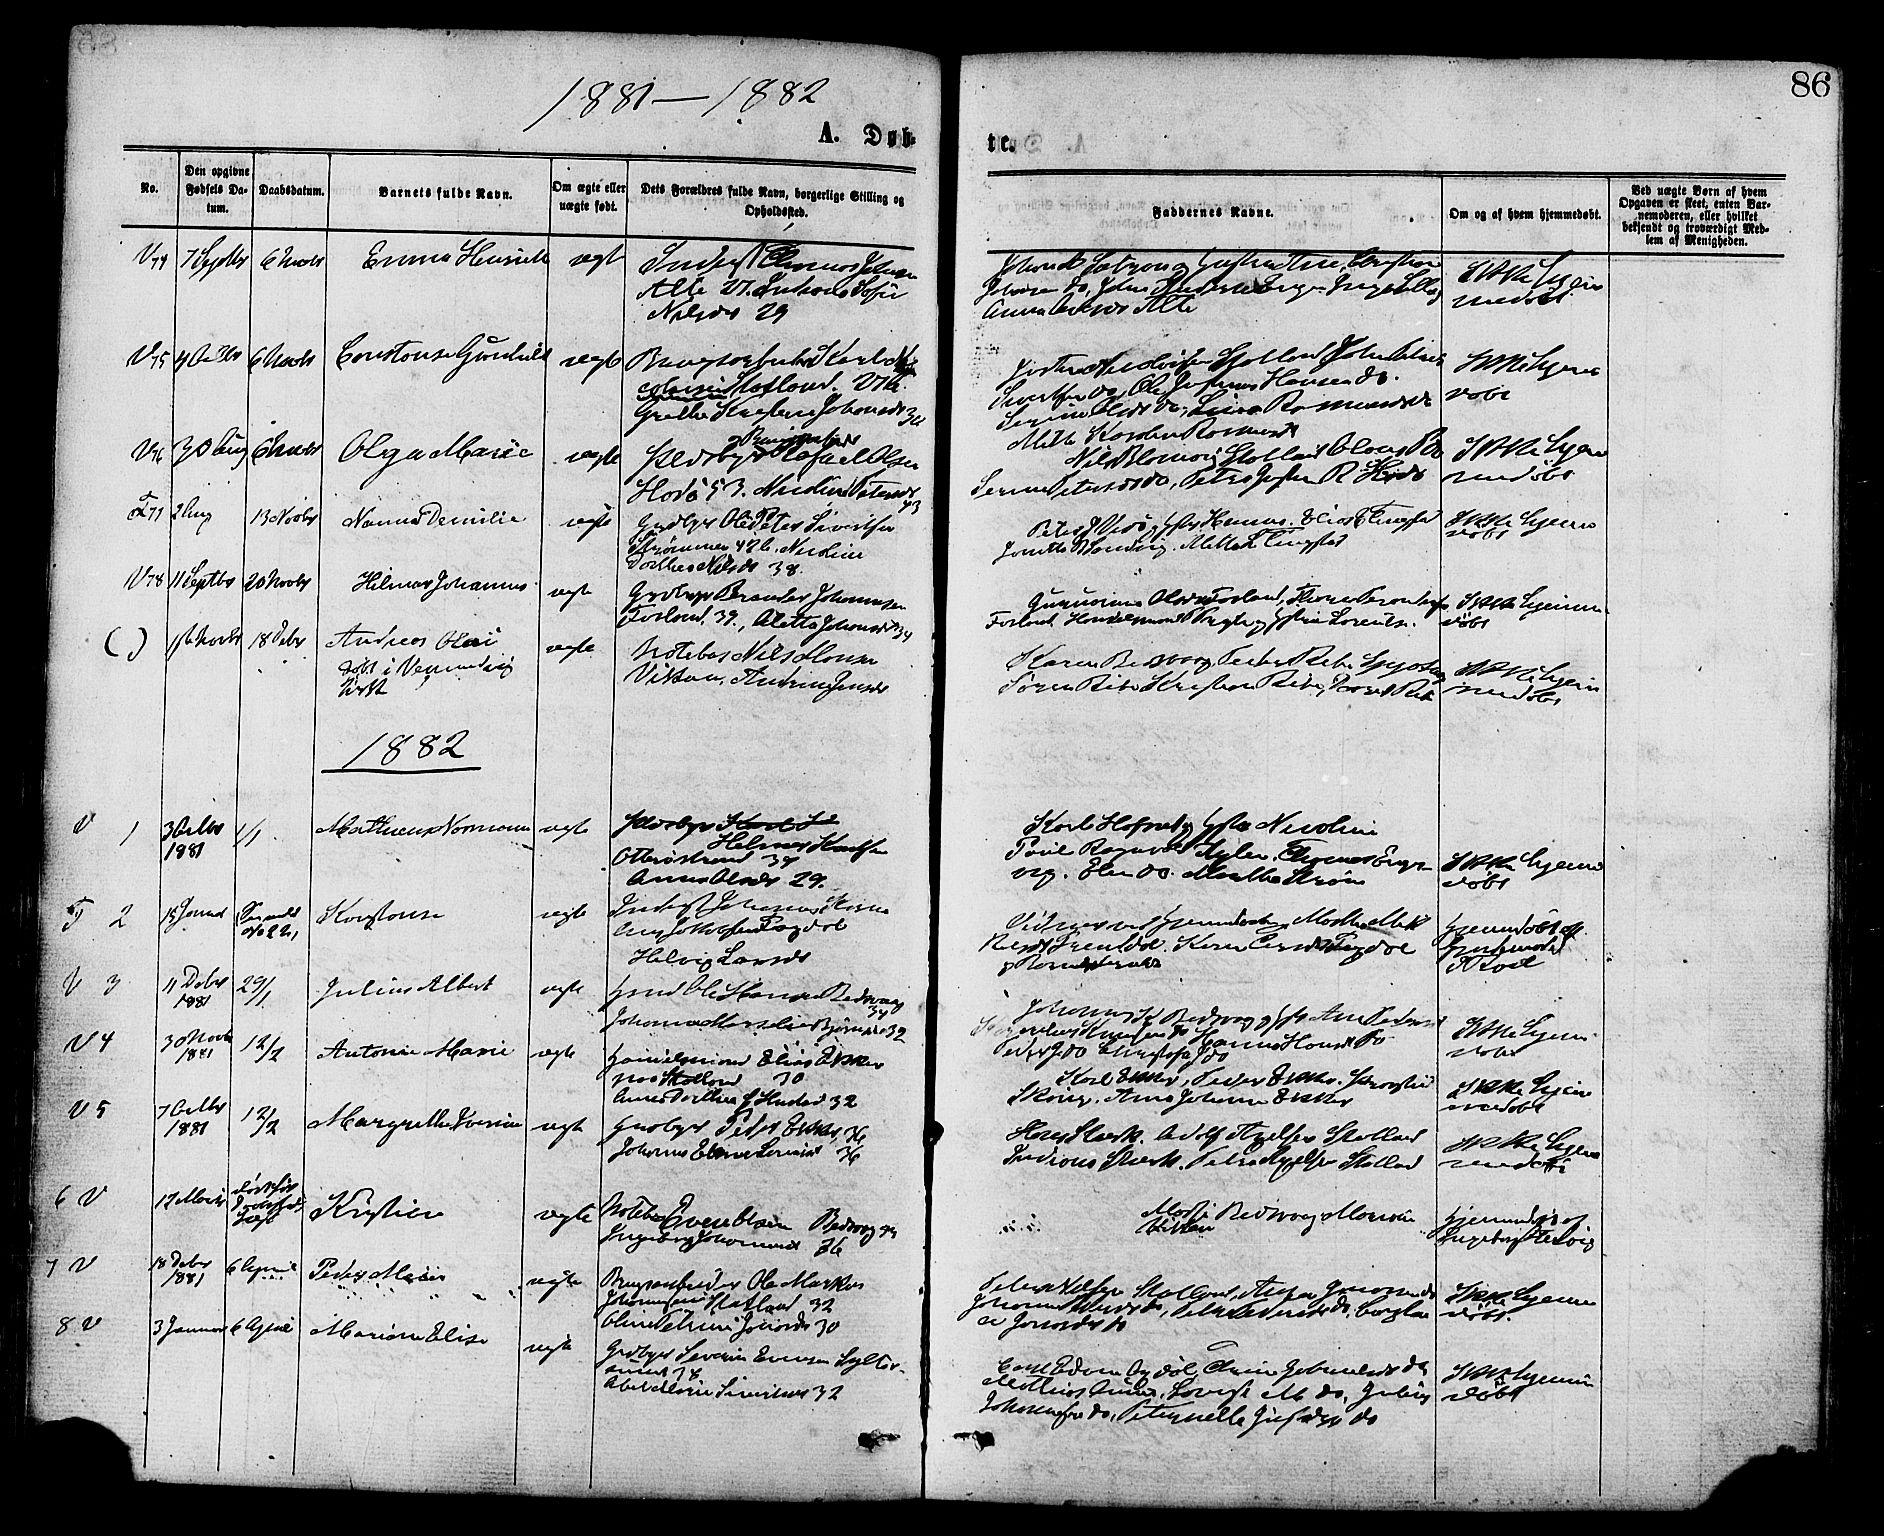 SAT, Ministerialprotokoller, klokkerbøker og fødselsregistre - Nord-Trøndelag, 773/L0616: Ministerialbok nr. 773A07, 1870-1887, s. 86